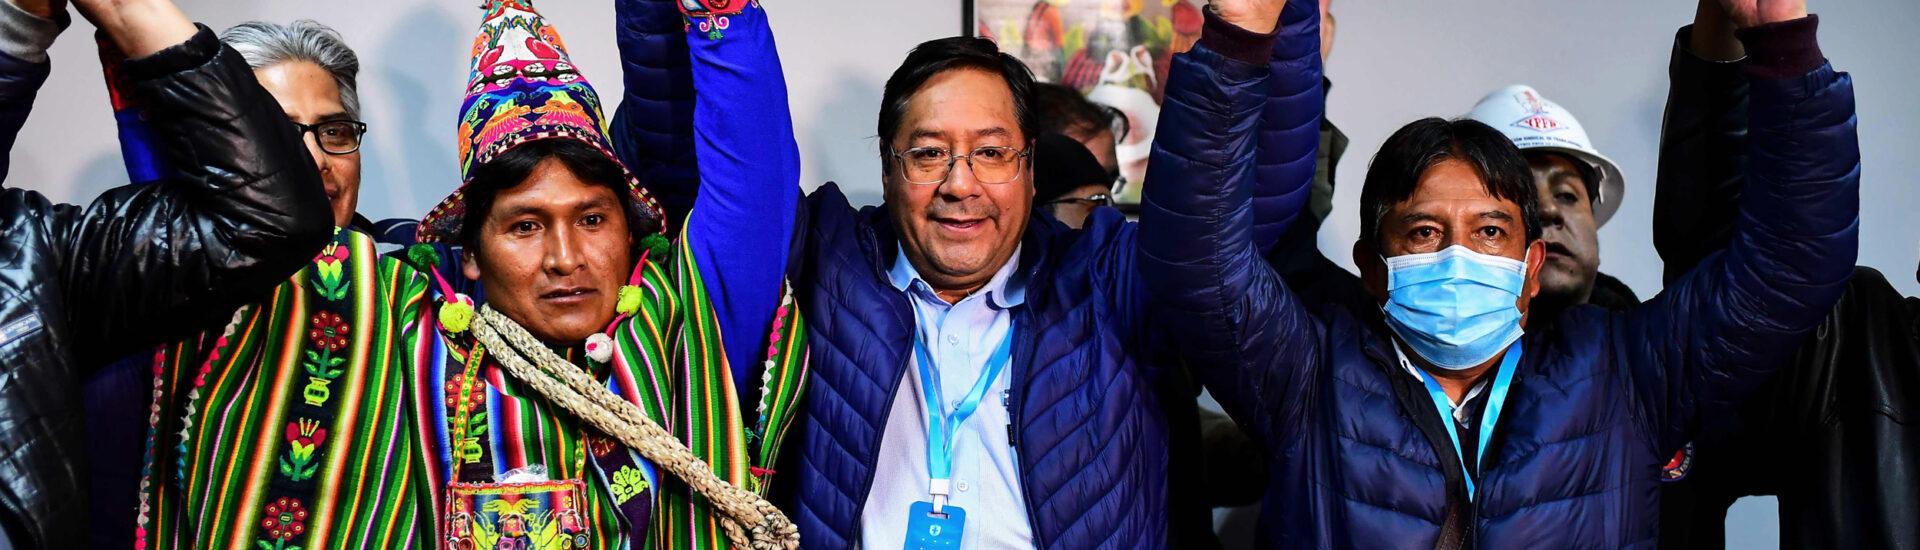 Ο Έβο Μοράλες ξανά στη Βολιβία